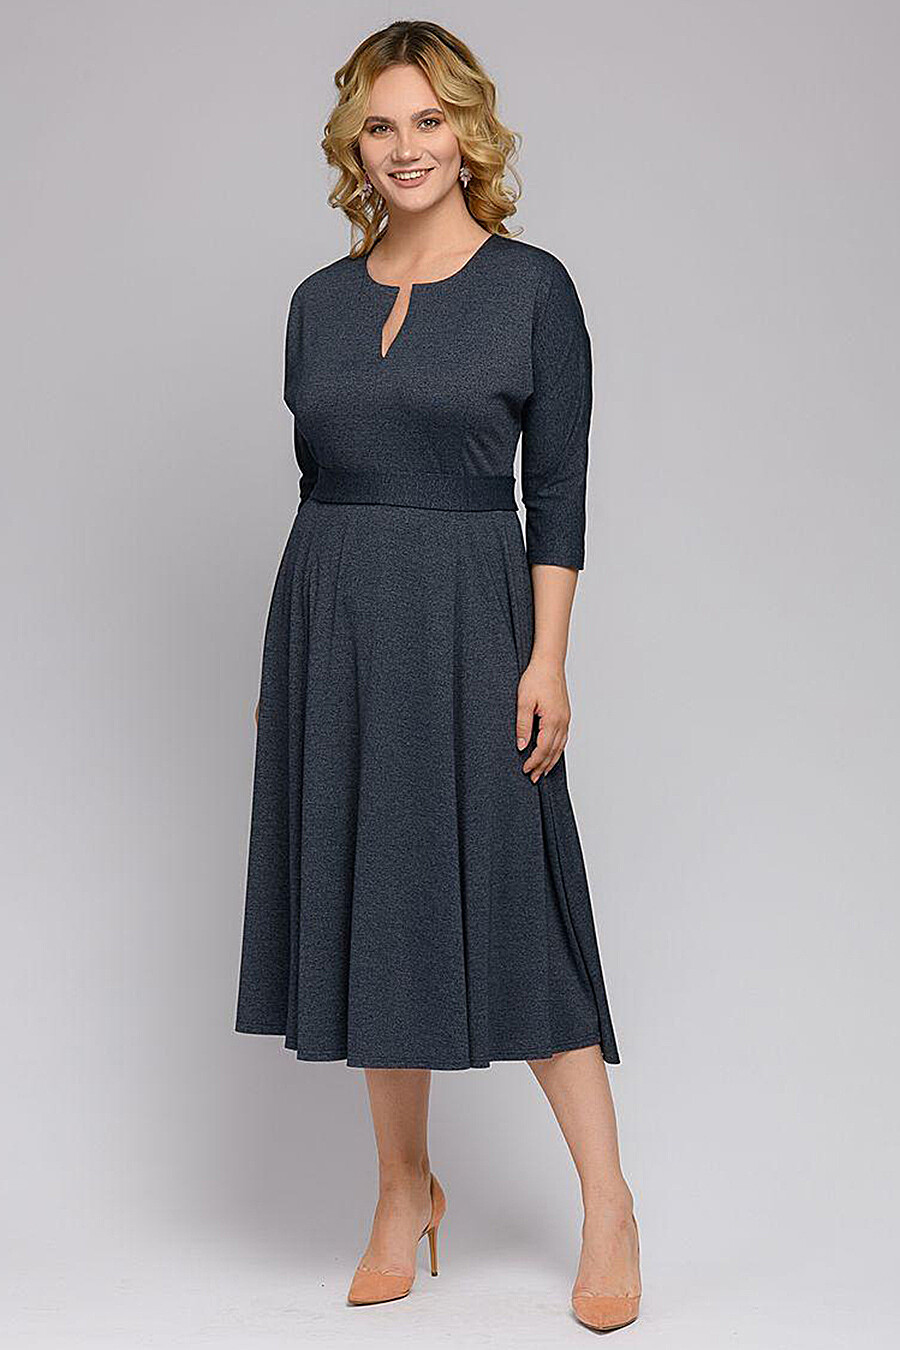 Платье для женщин 1001 DRESS 147661 купить оптом от производителя. Совместная покупка женской одежды в OptMoyo